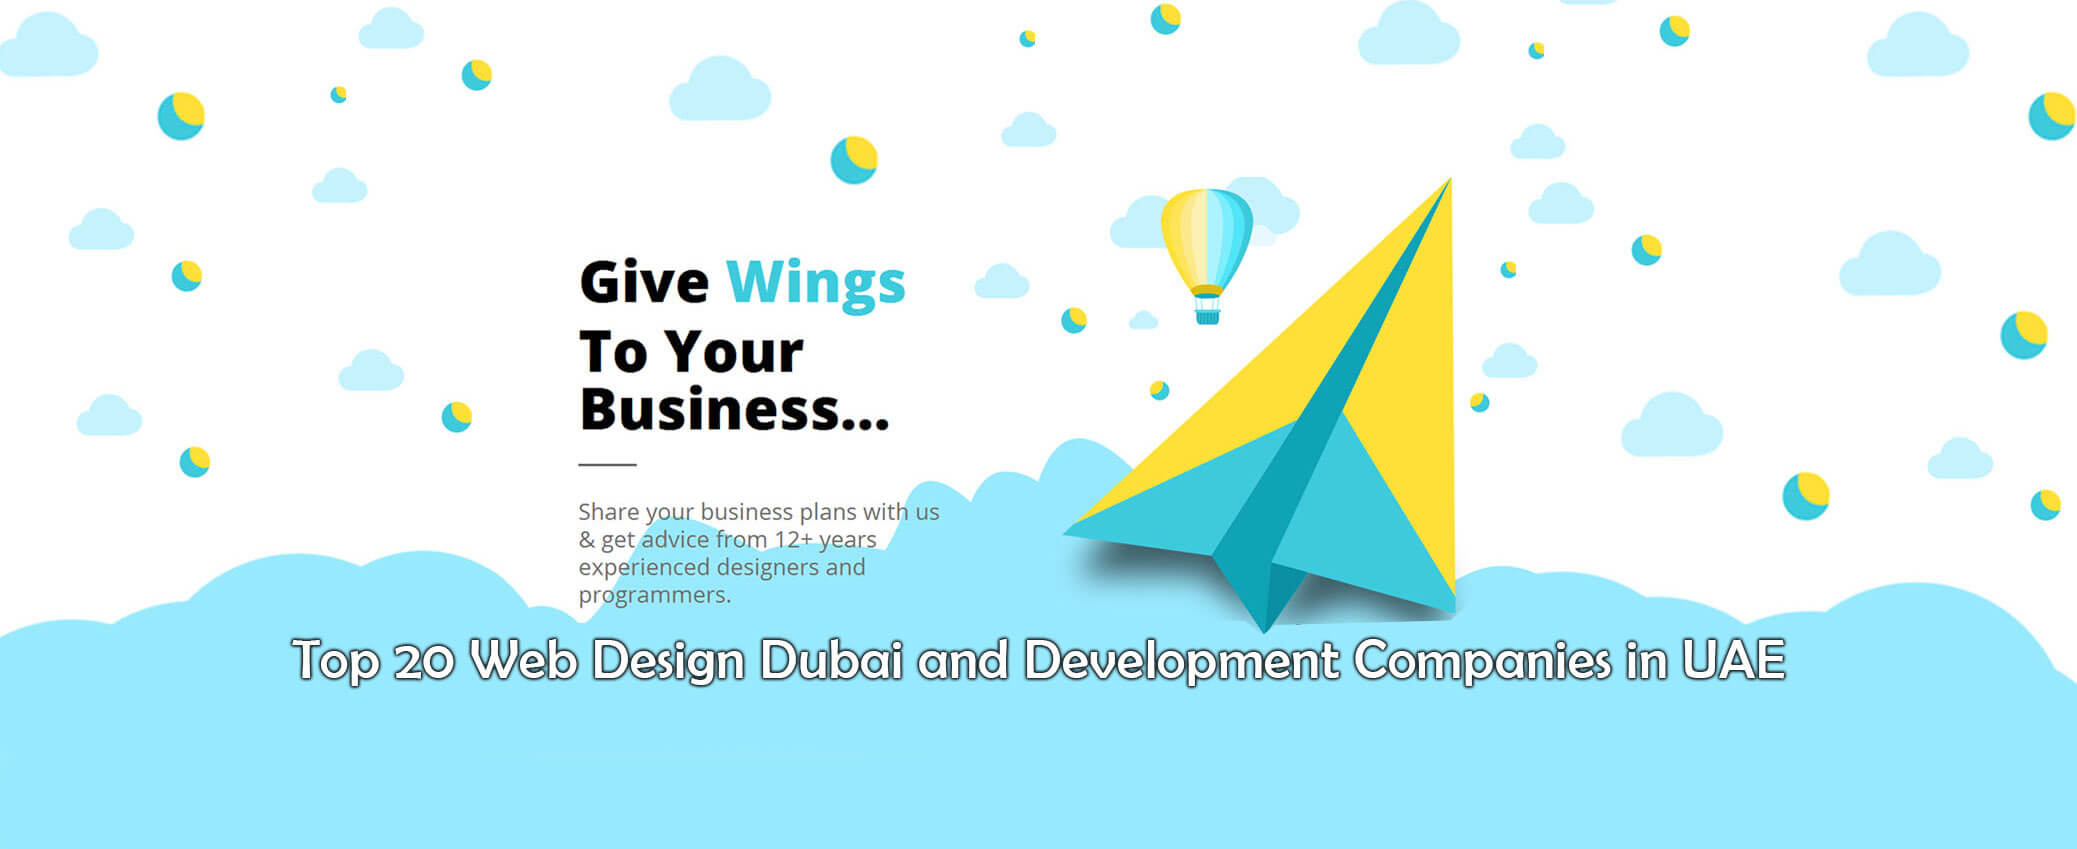 Top 20 Web Design Dubai and Web Development Companies in